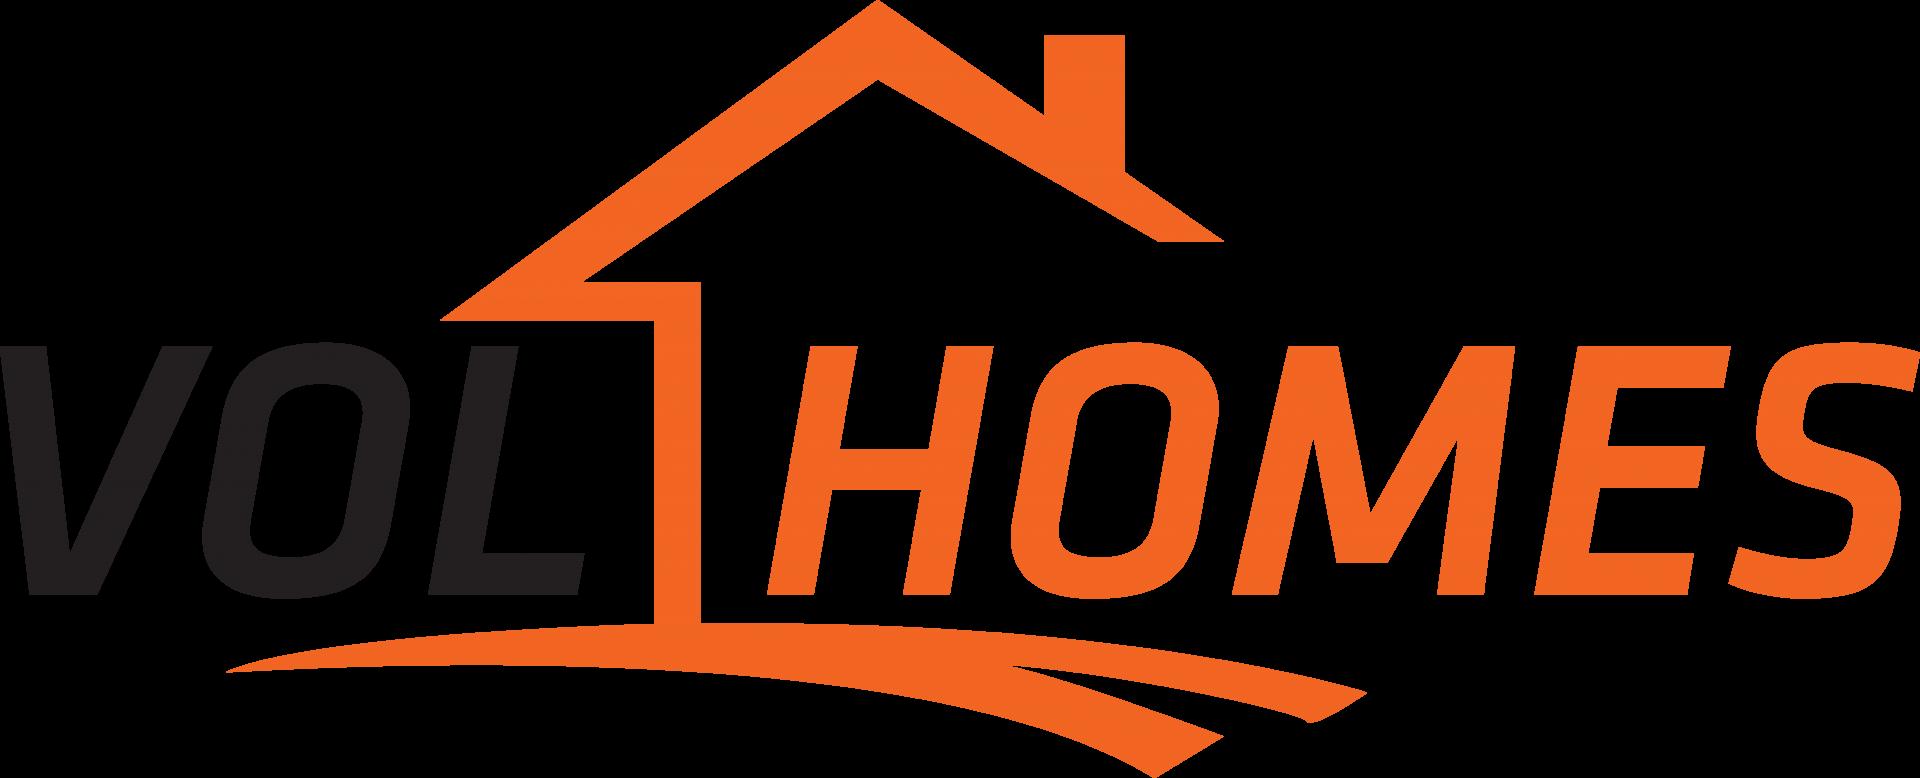 Volhomes  logo